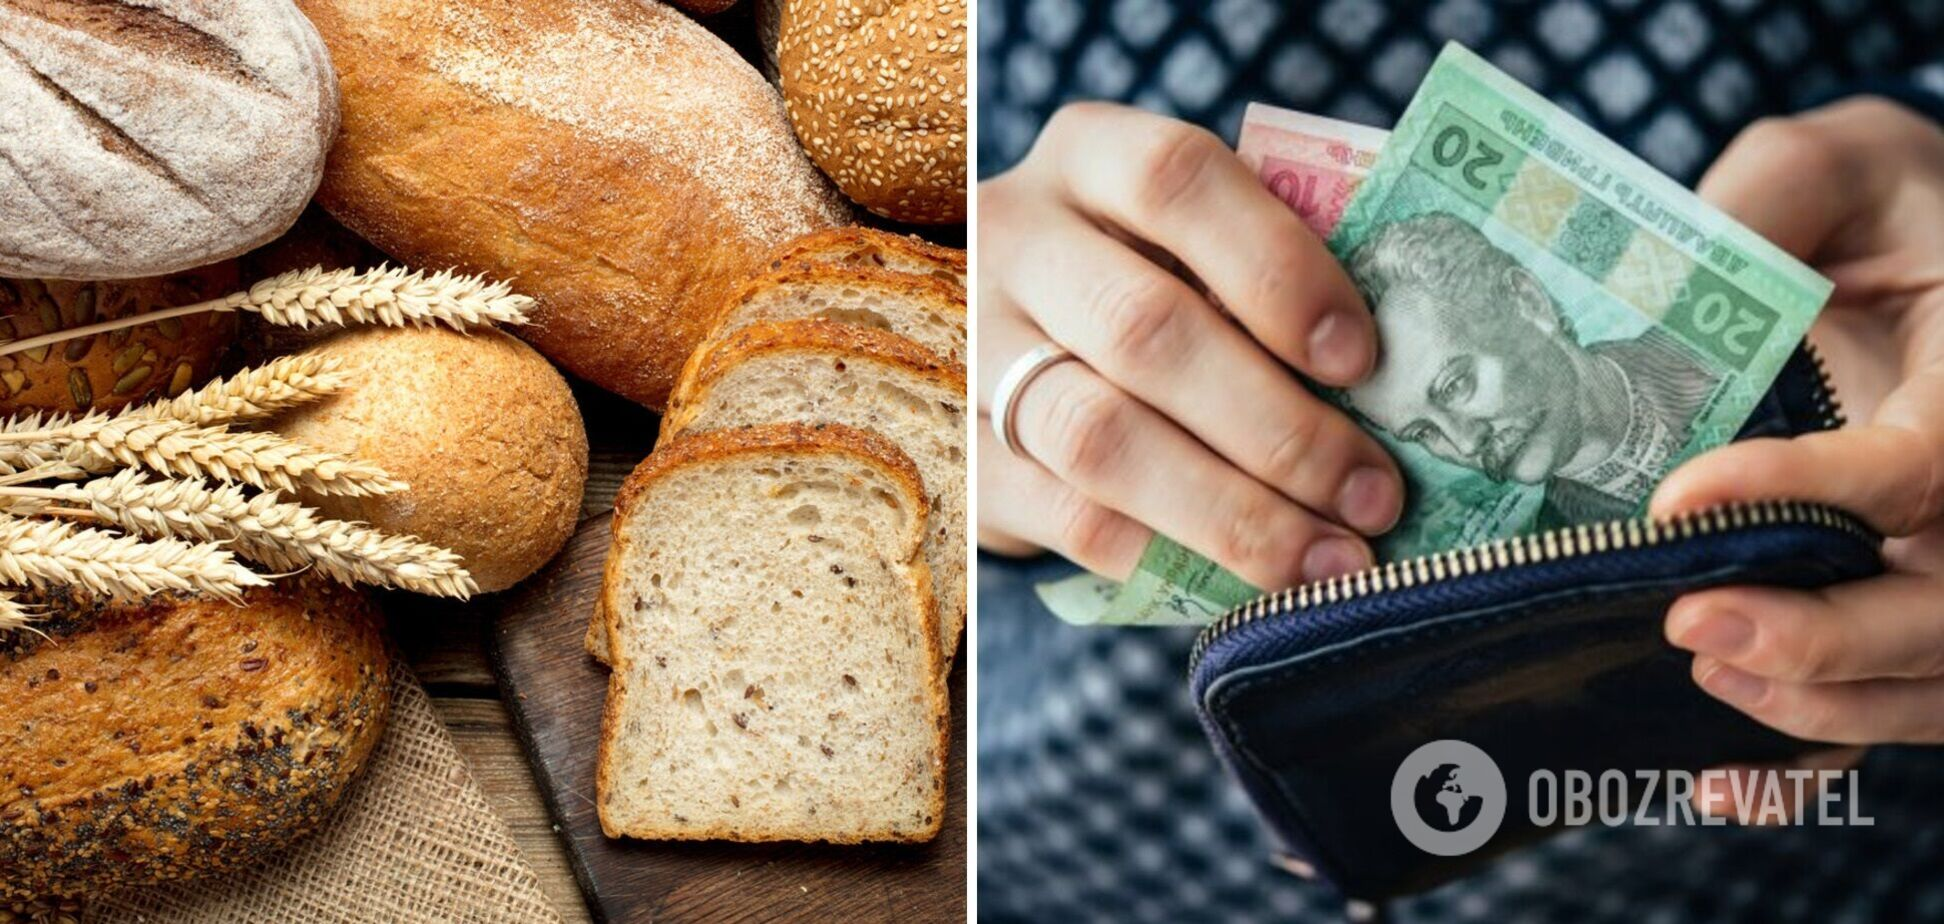 Хлеб в Украине подорожает на 10-25%